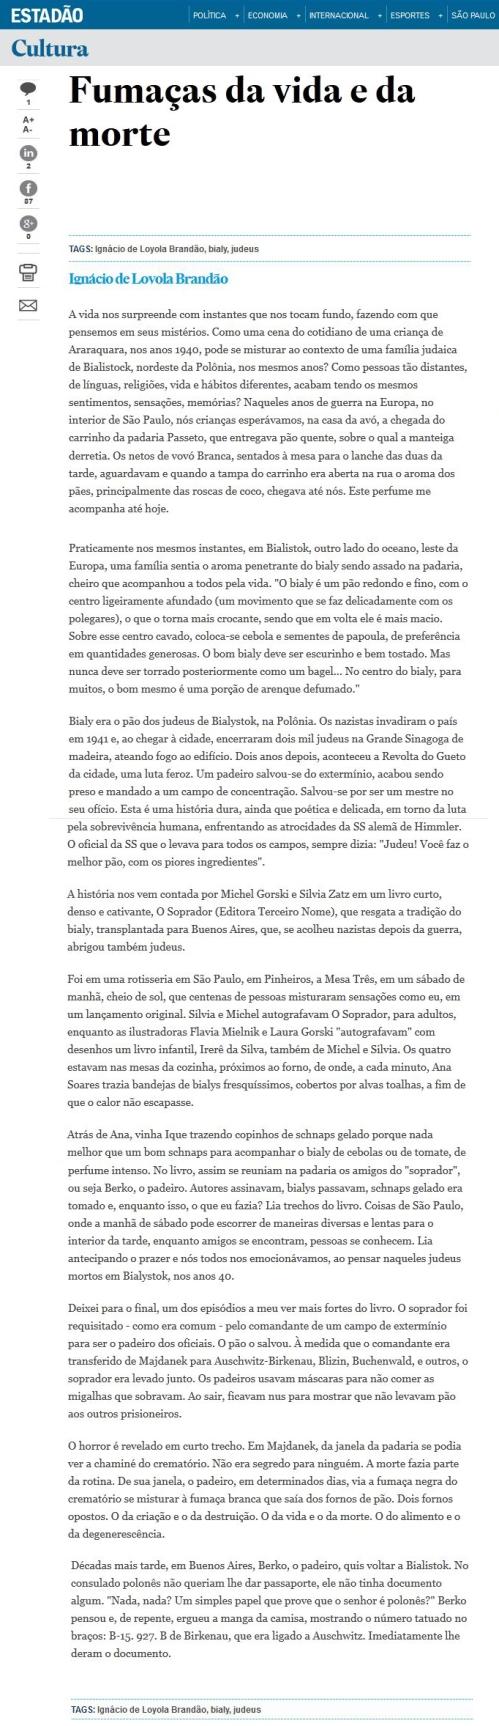 O Estado de S Paulo - Ignácio de Loyola Brandão - 19set2014